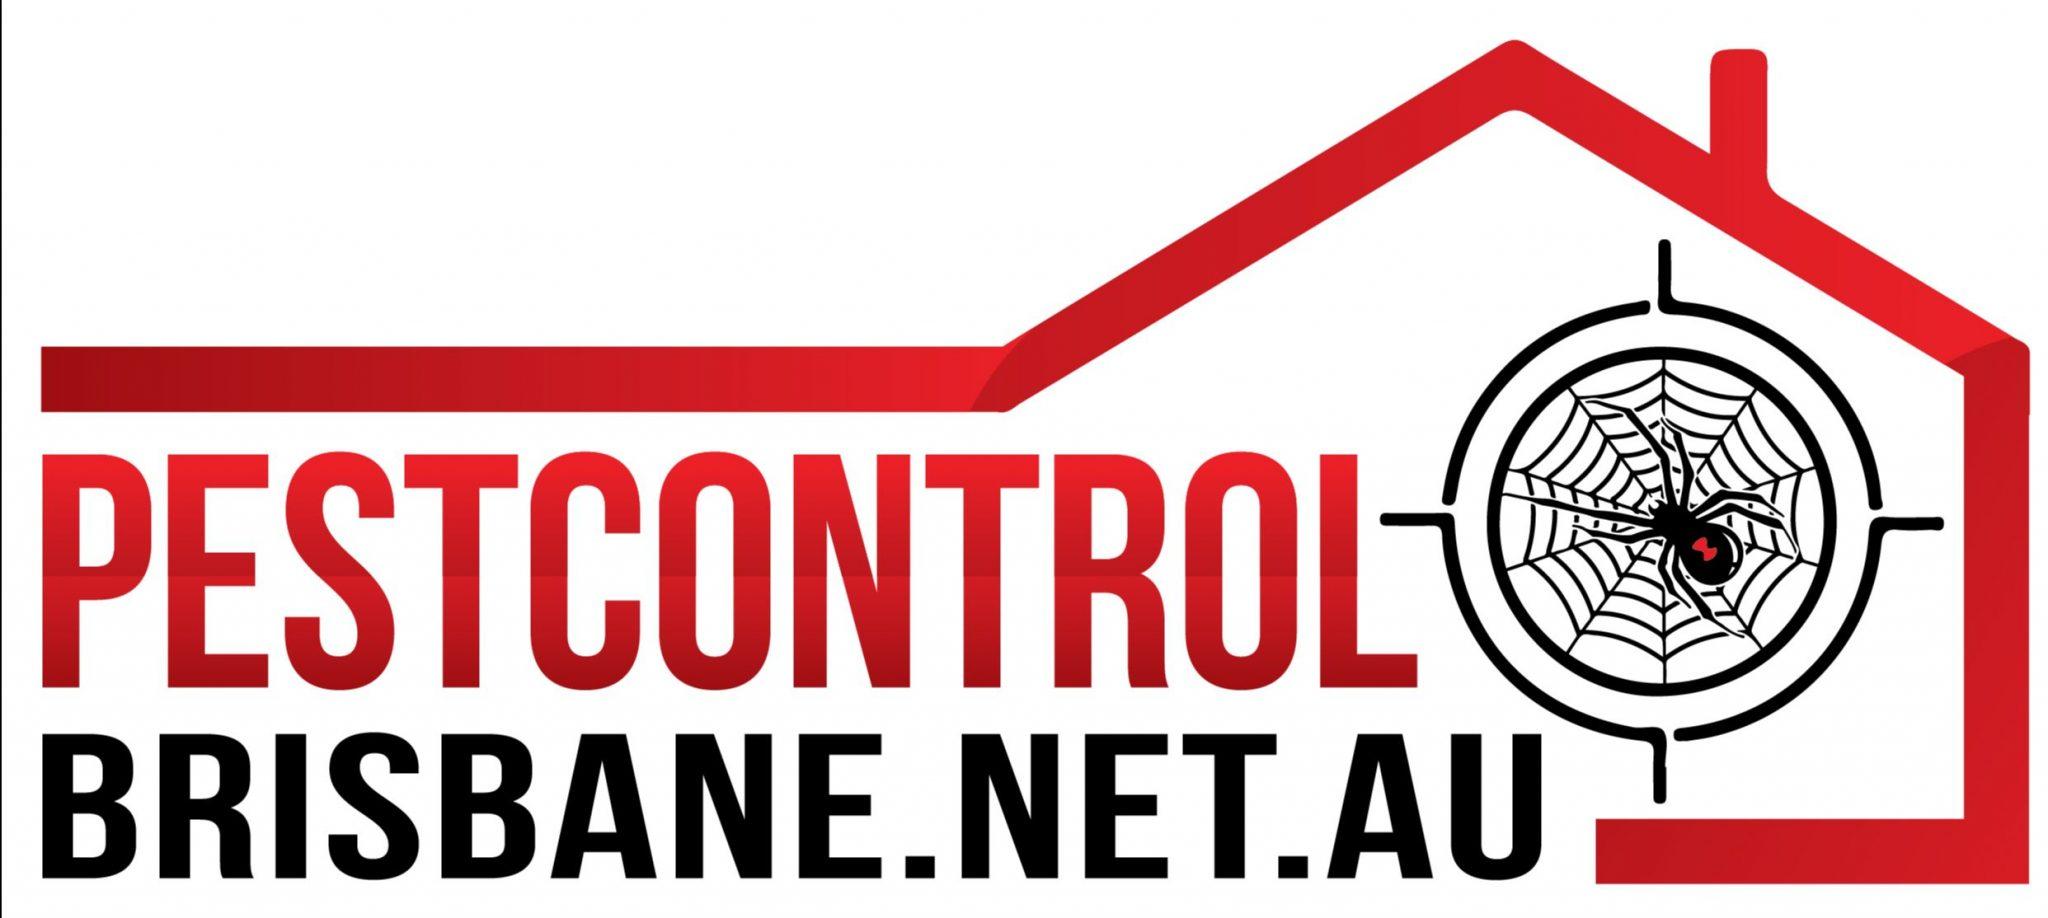 pestcontrolbrisbane.net.au